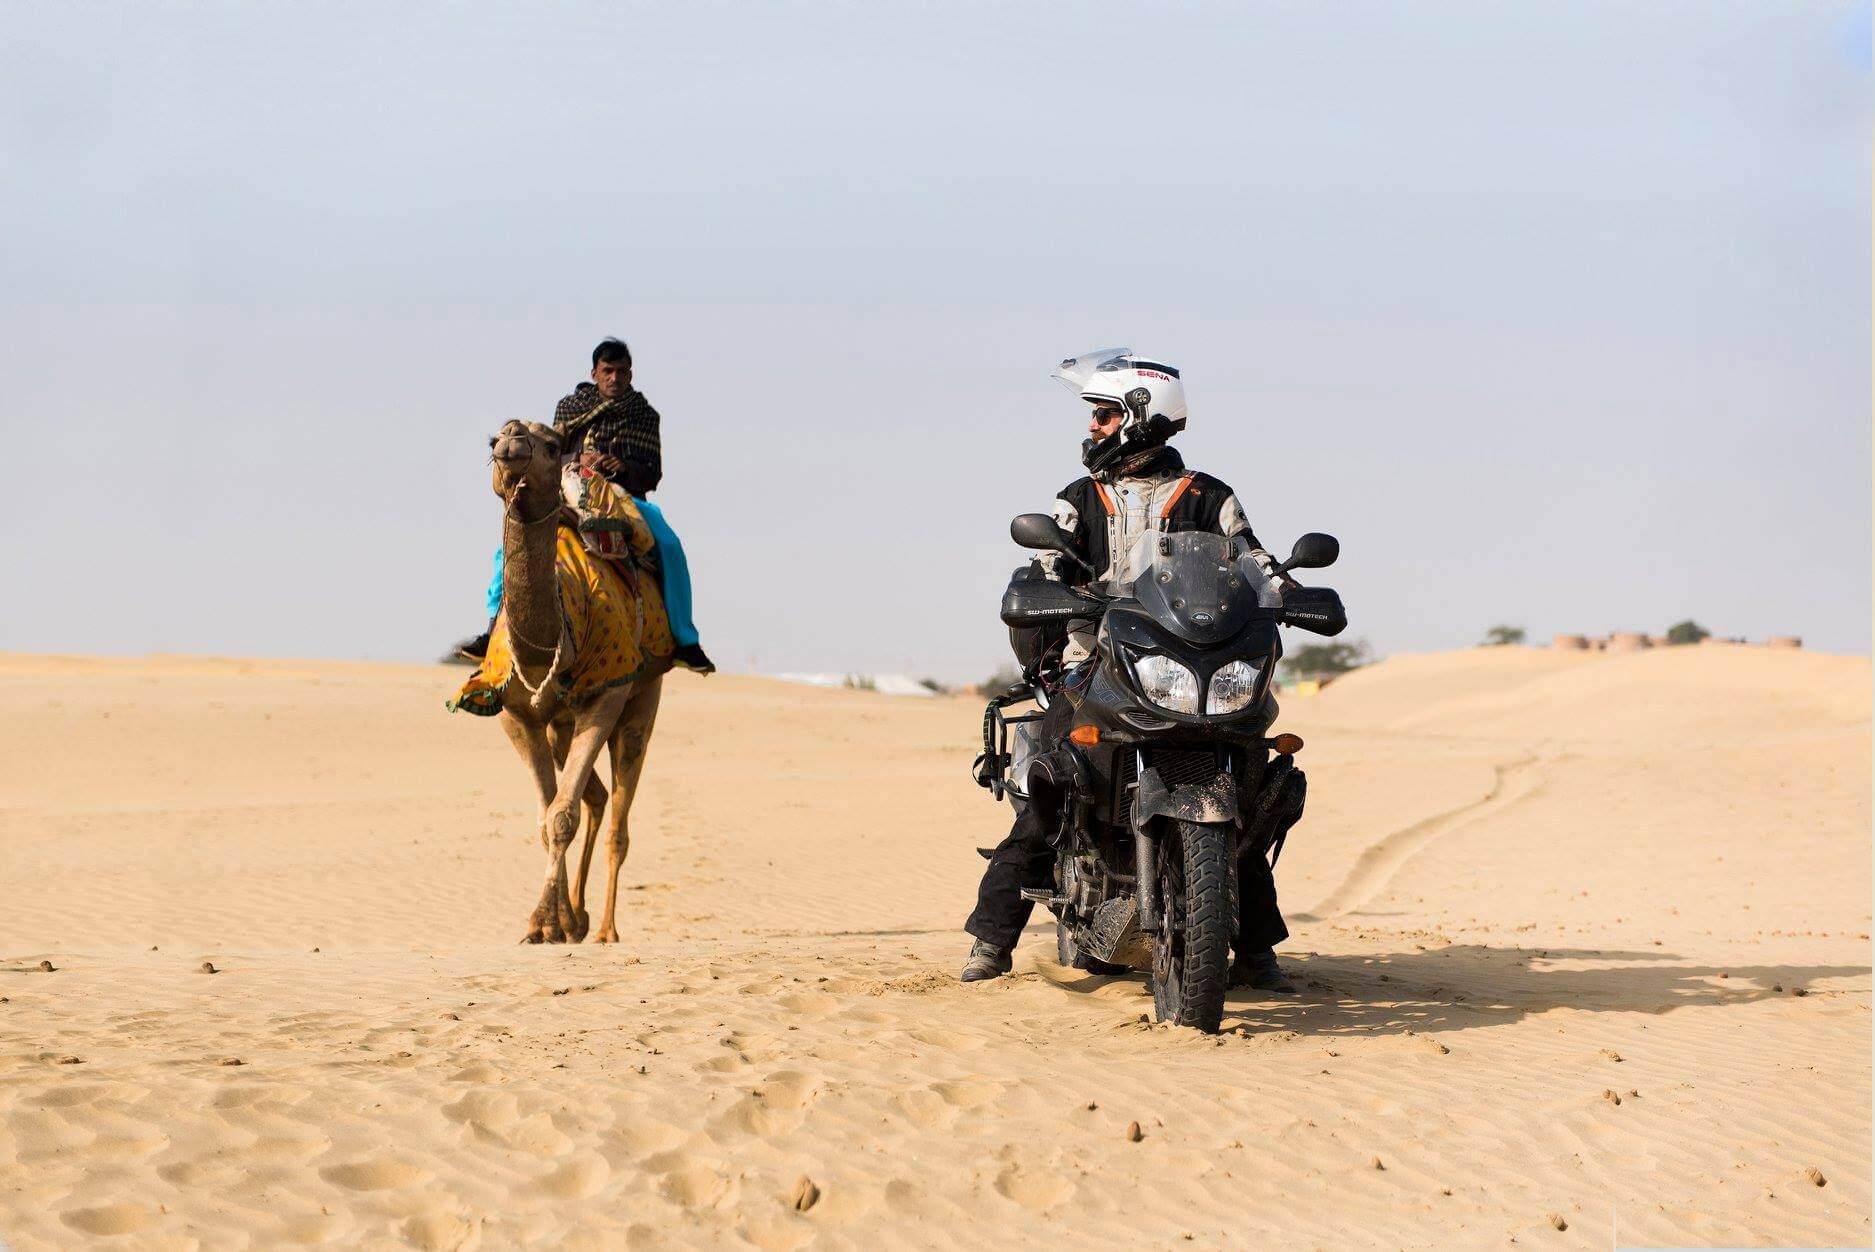 En el desierto - wildfeathers